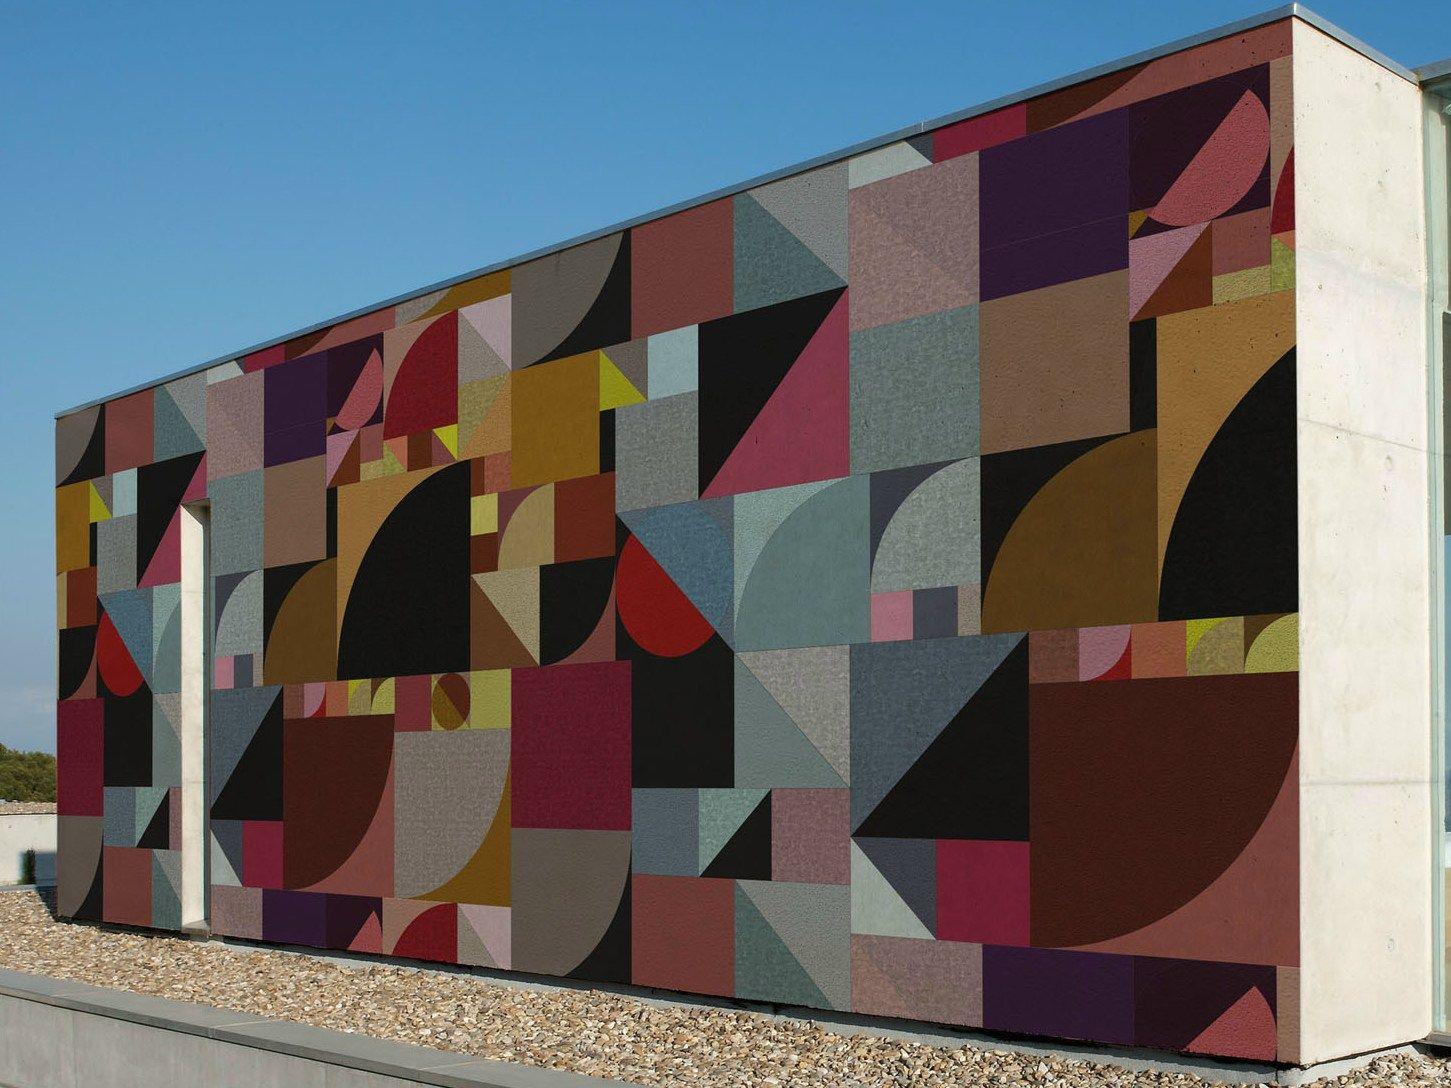 Carta da parati geometrica per esterni bauhaus by wall - Carta da parati per esterno ...